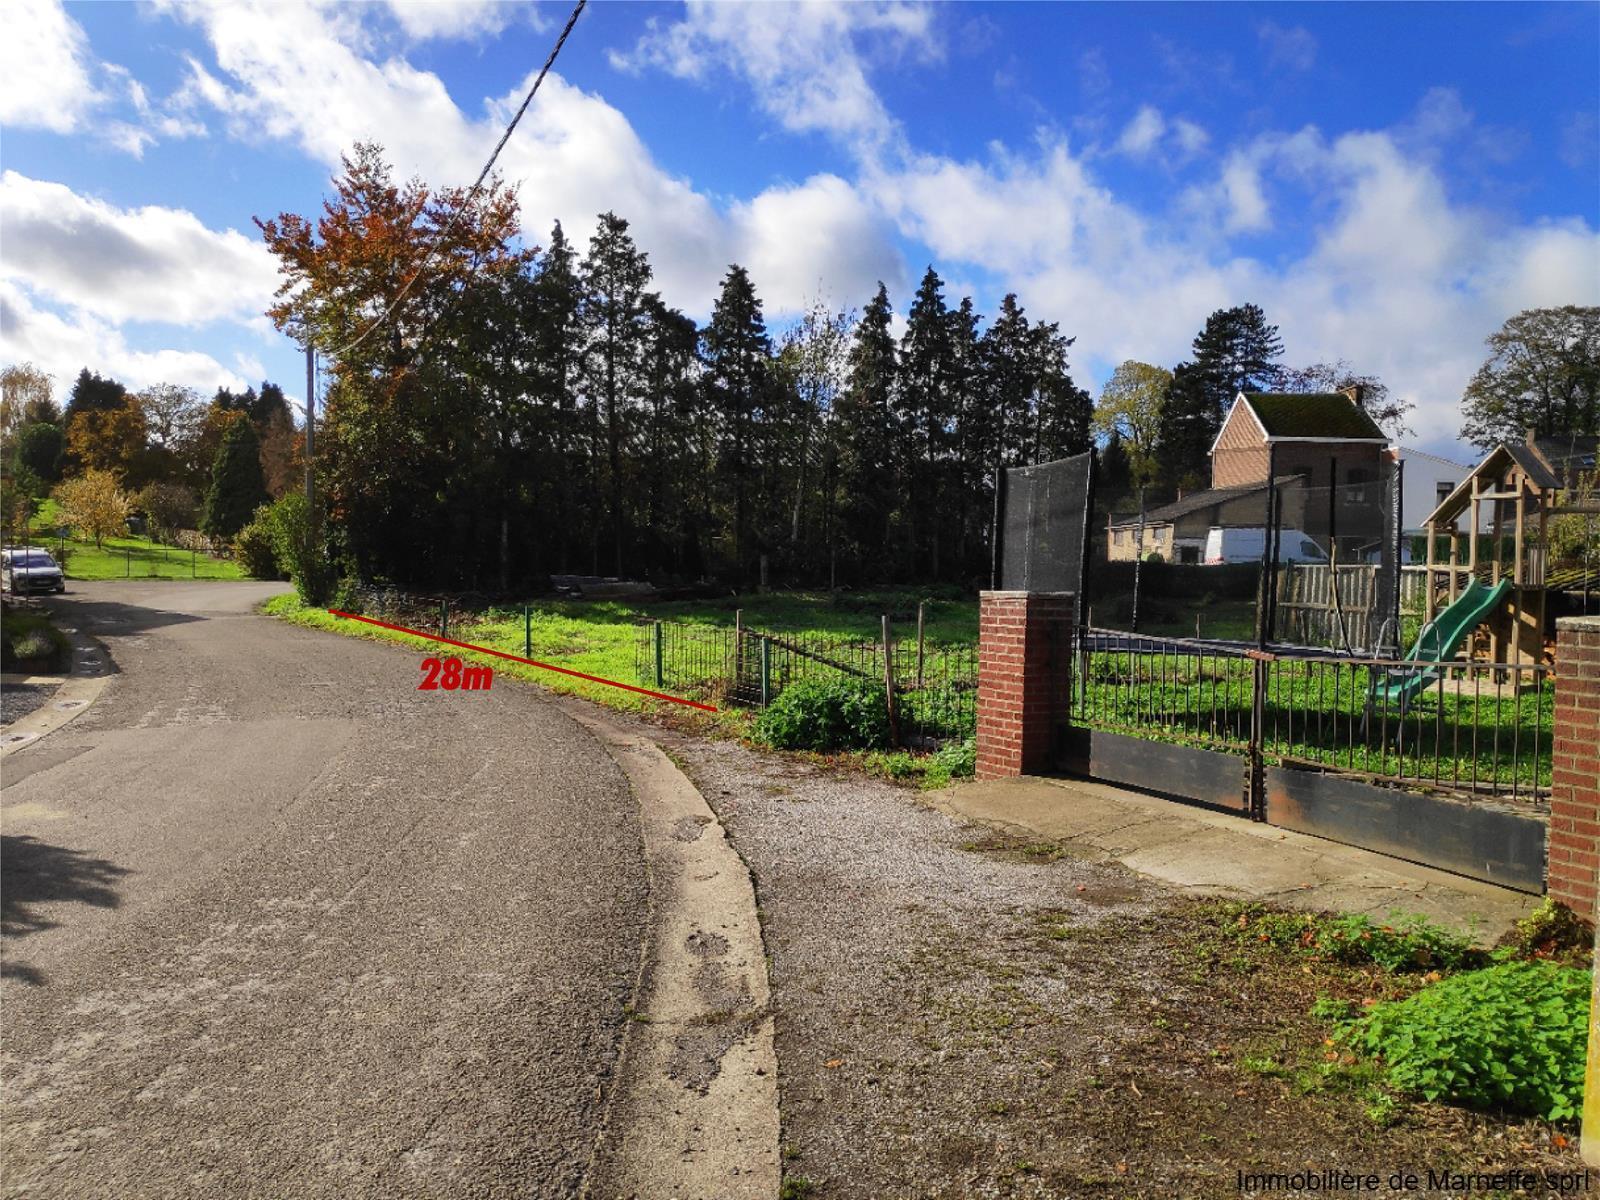 Terrain à bâtir - Villers-le-Bouillet - #4189004-5